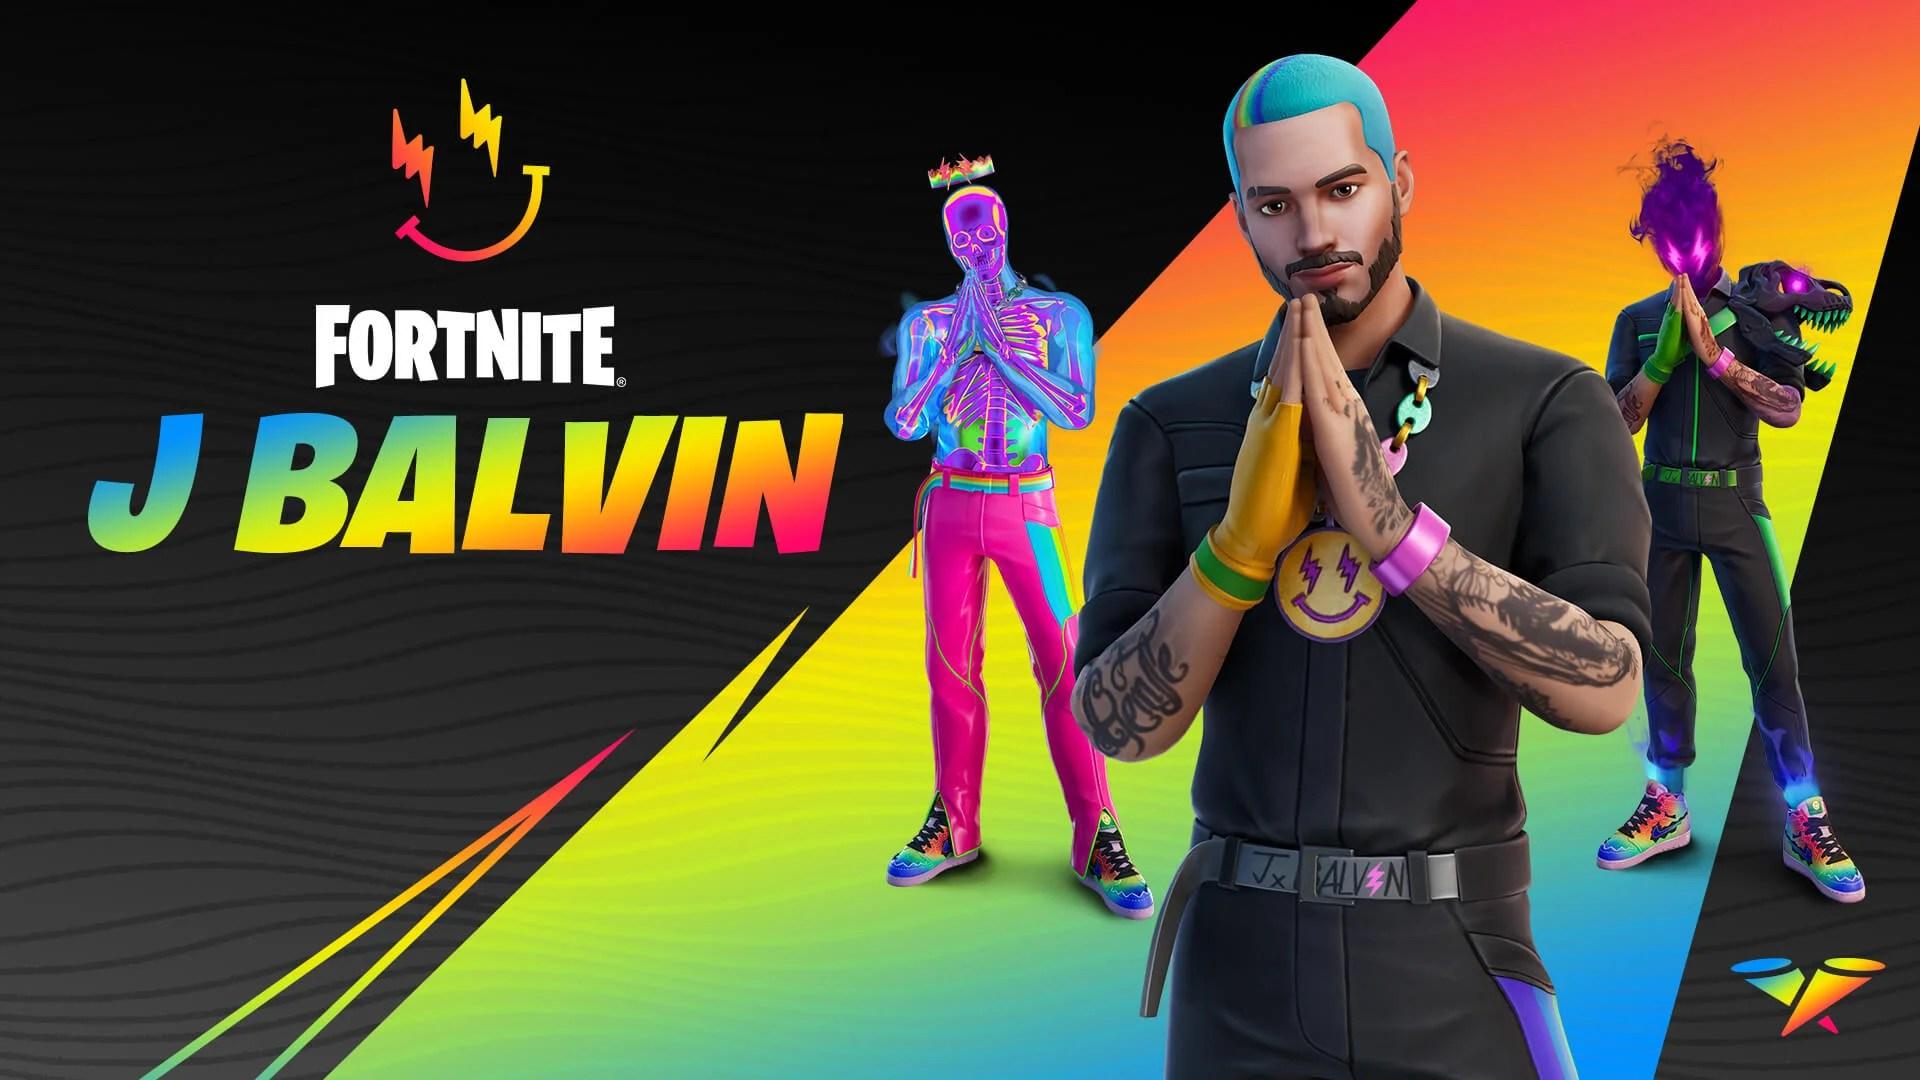 【フォートナイト】『J BALVIN』スキンがアナウンス。レゲトン界の顔がNewアイコンシリーズとして登場!【Fortnite】